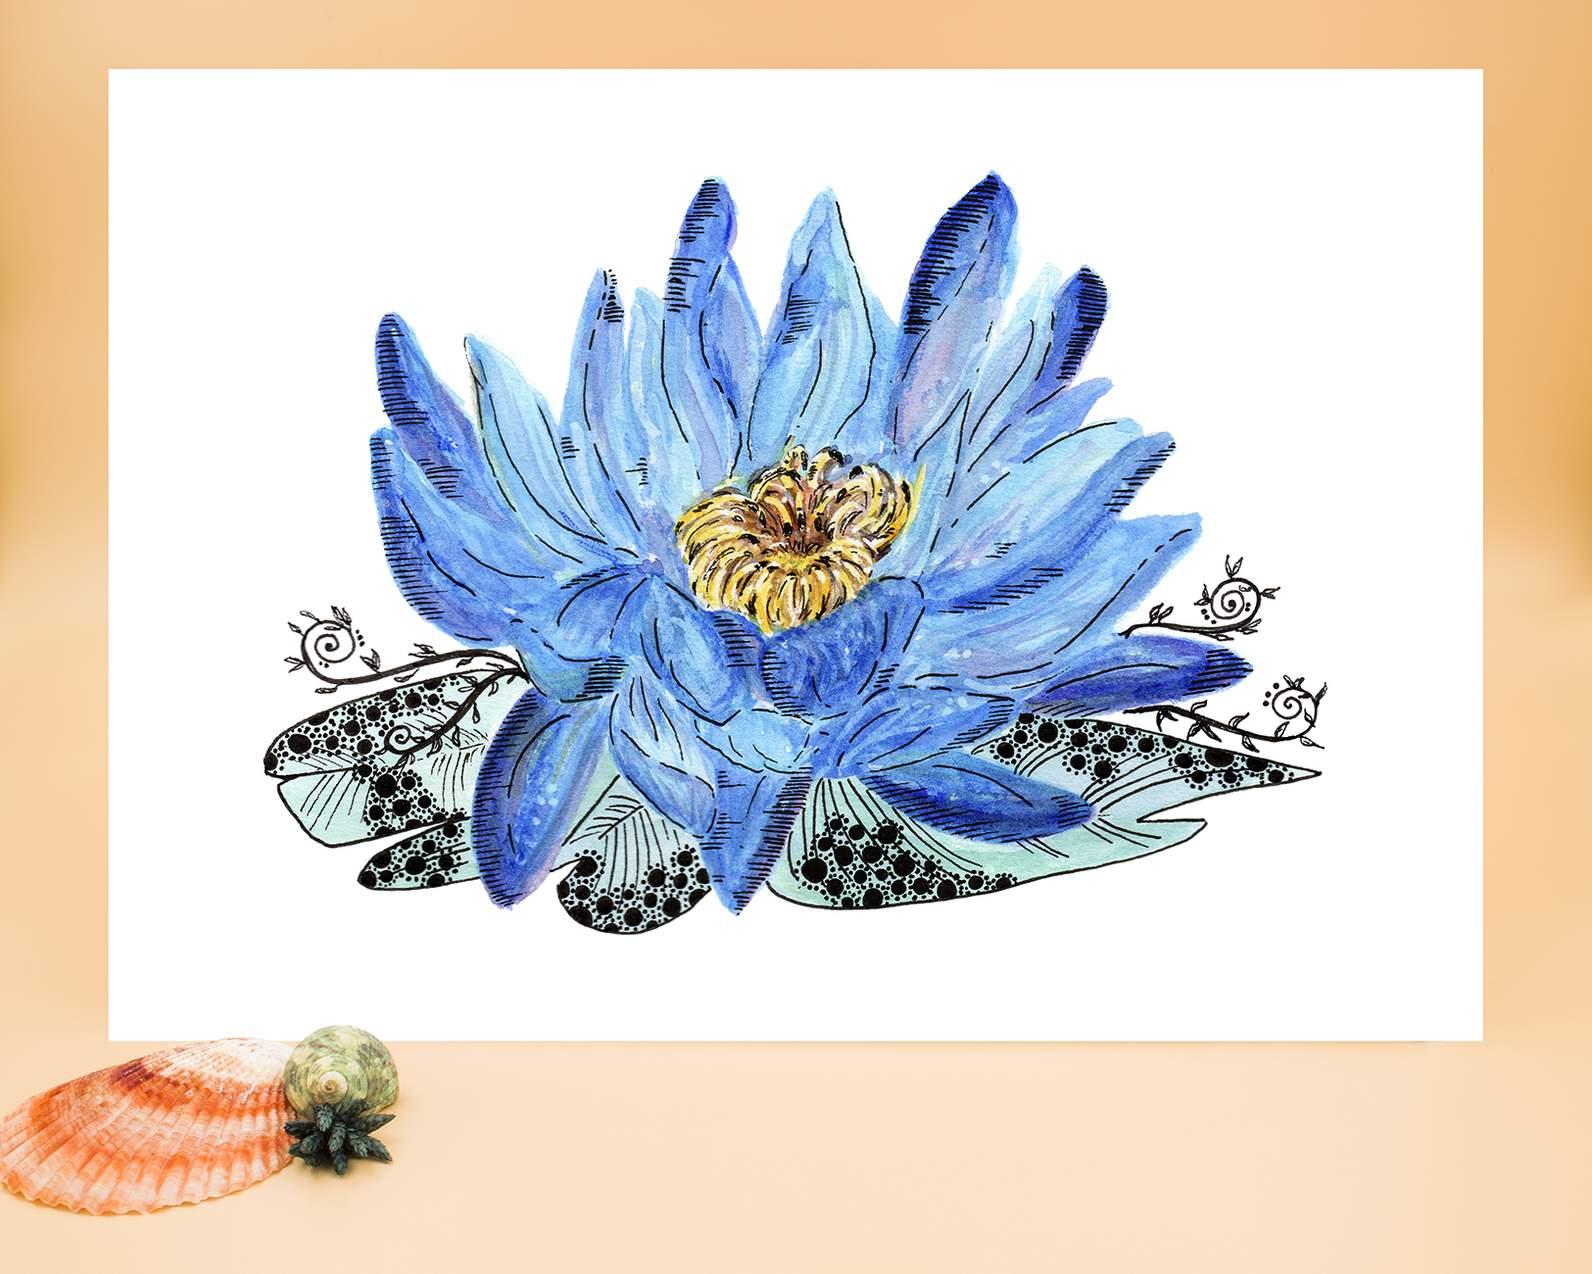 Water lily a3 floral art print next nz 49 00